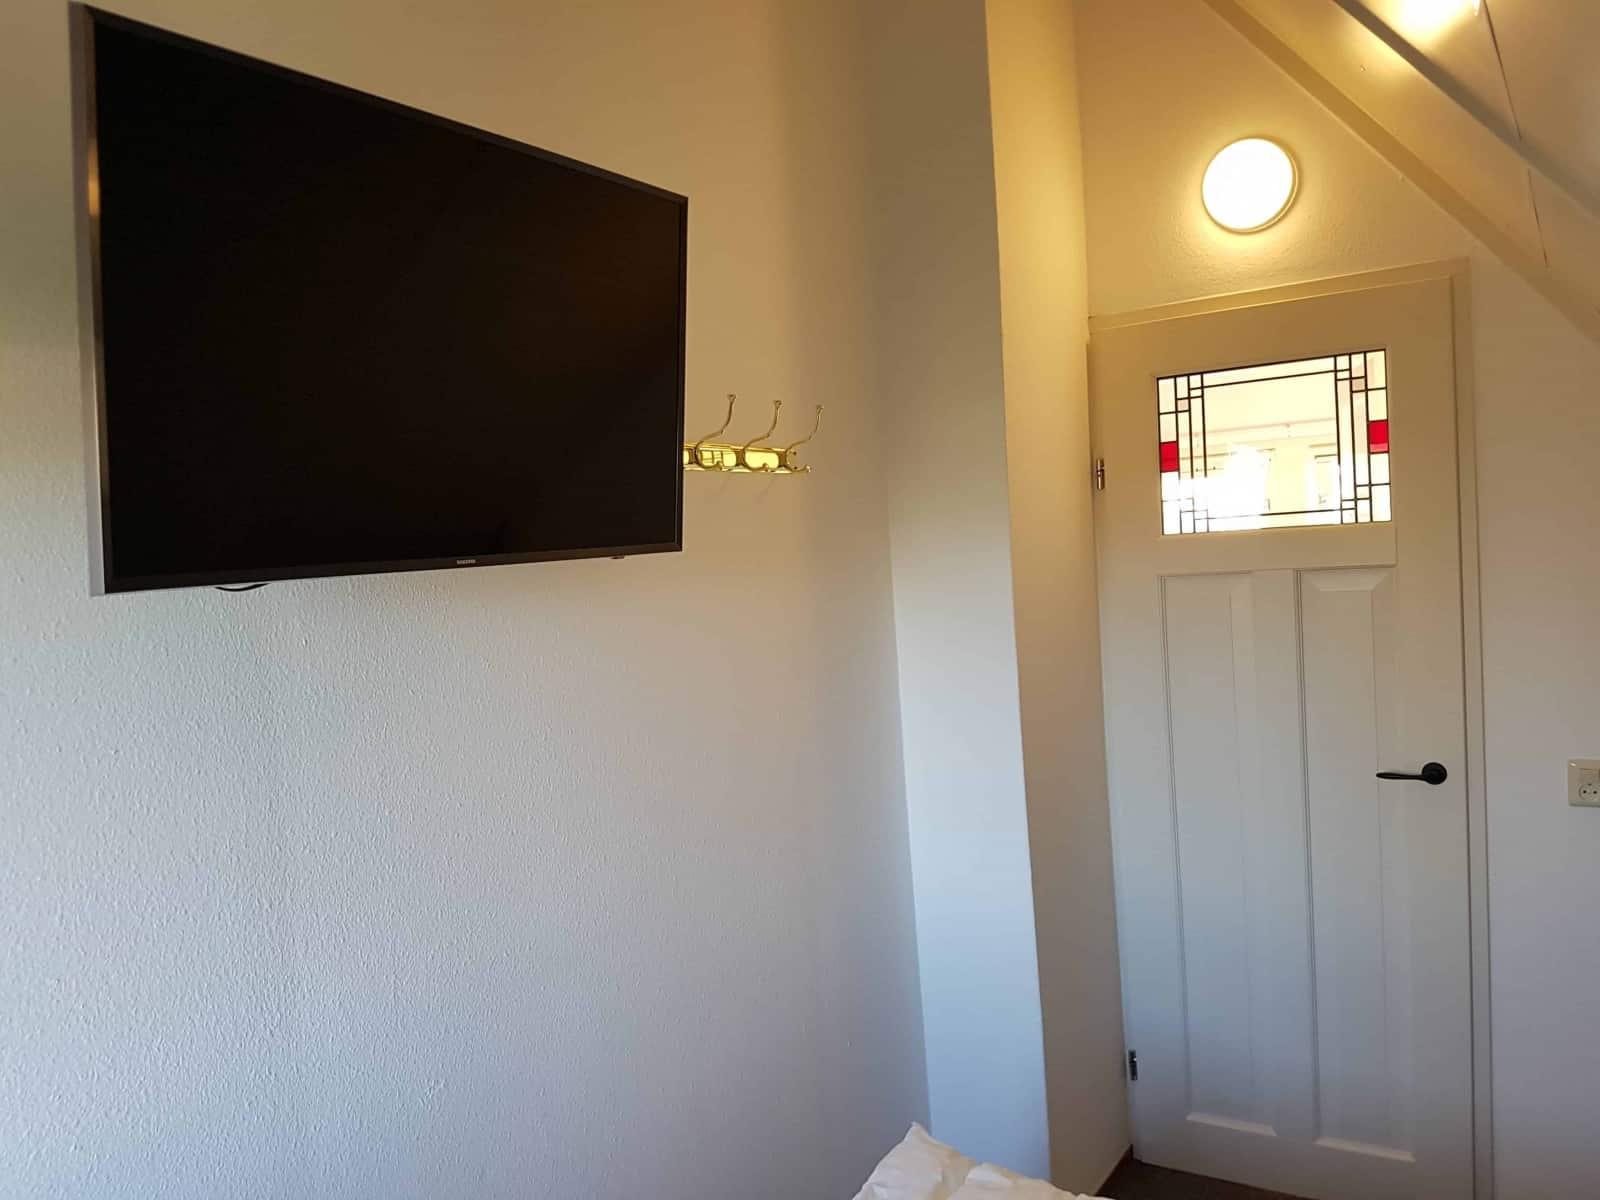 Der UHD-Fernseher im zweiten Schlafzimmer